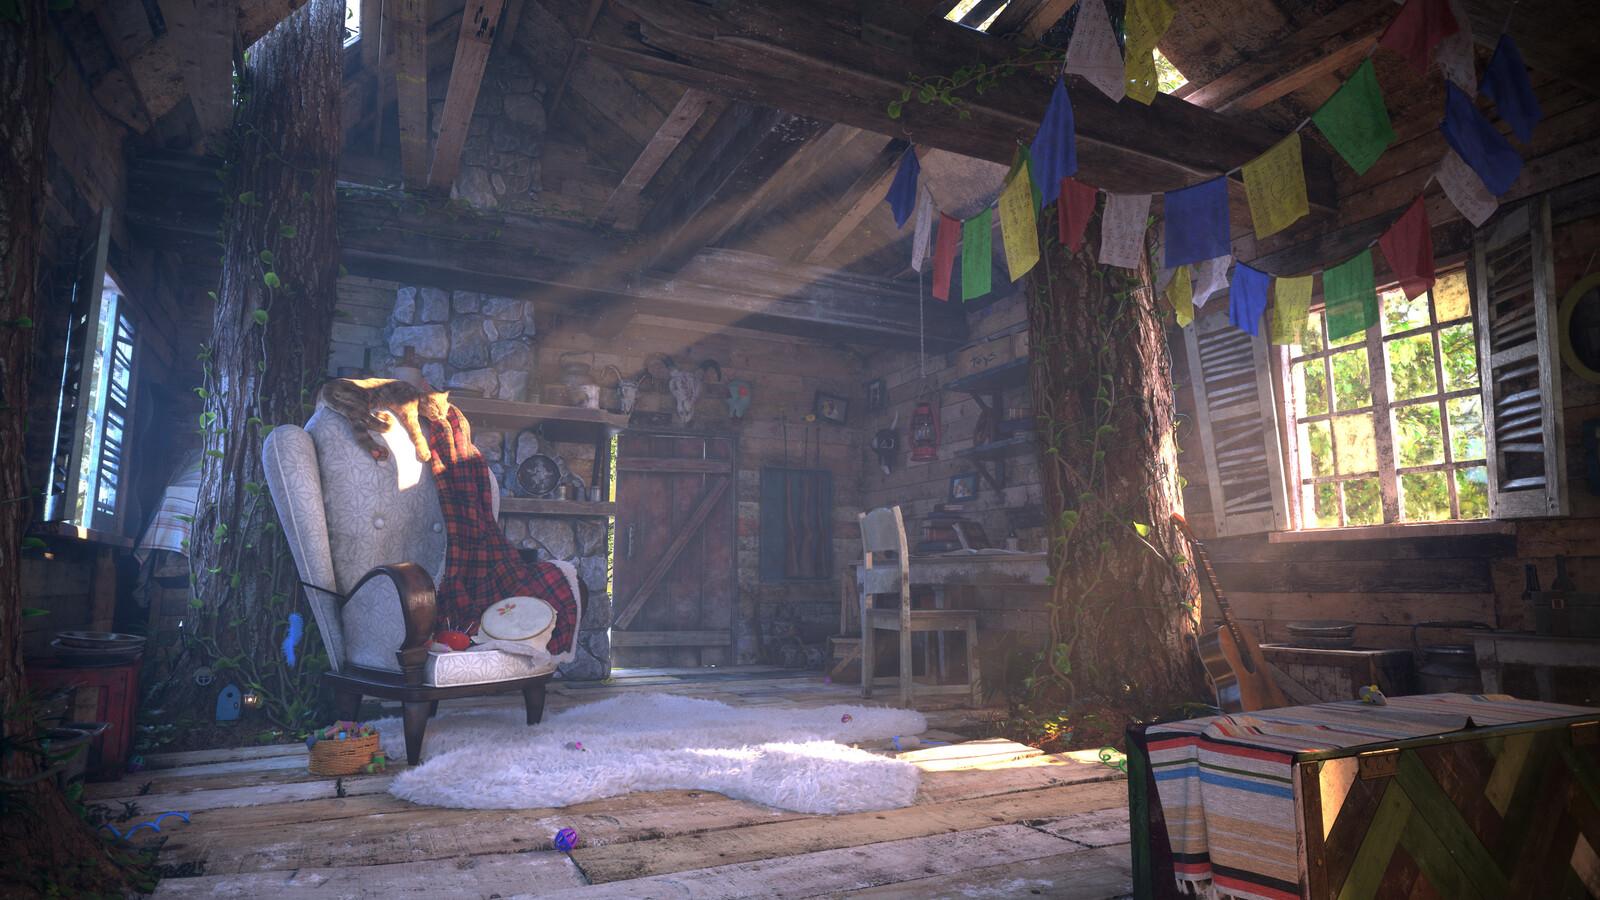 Pixar's Rustic Cabin Art Challenge